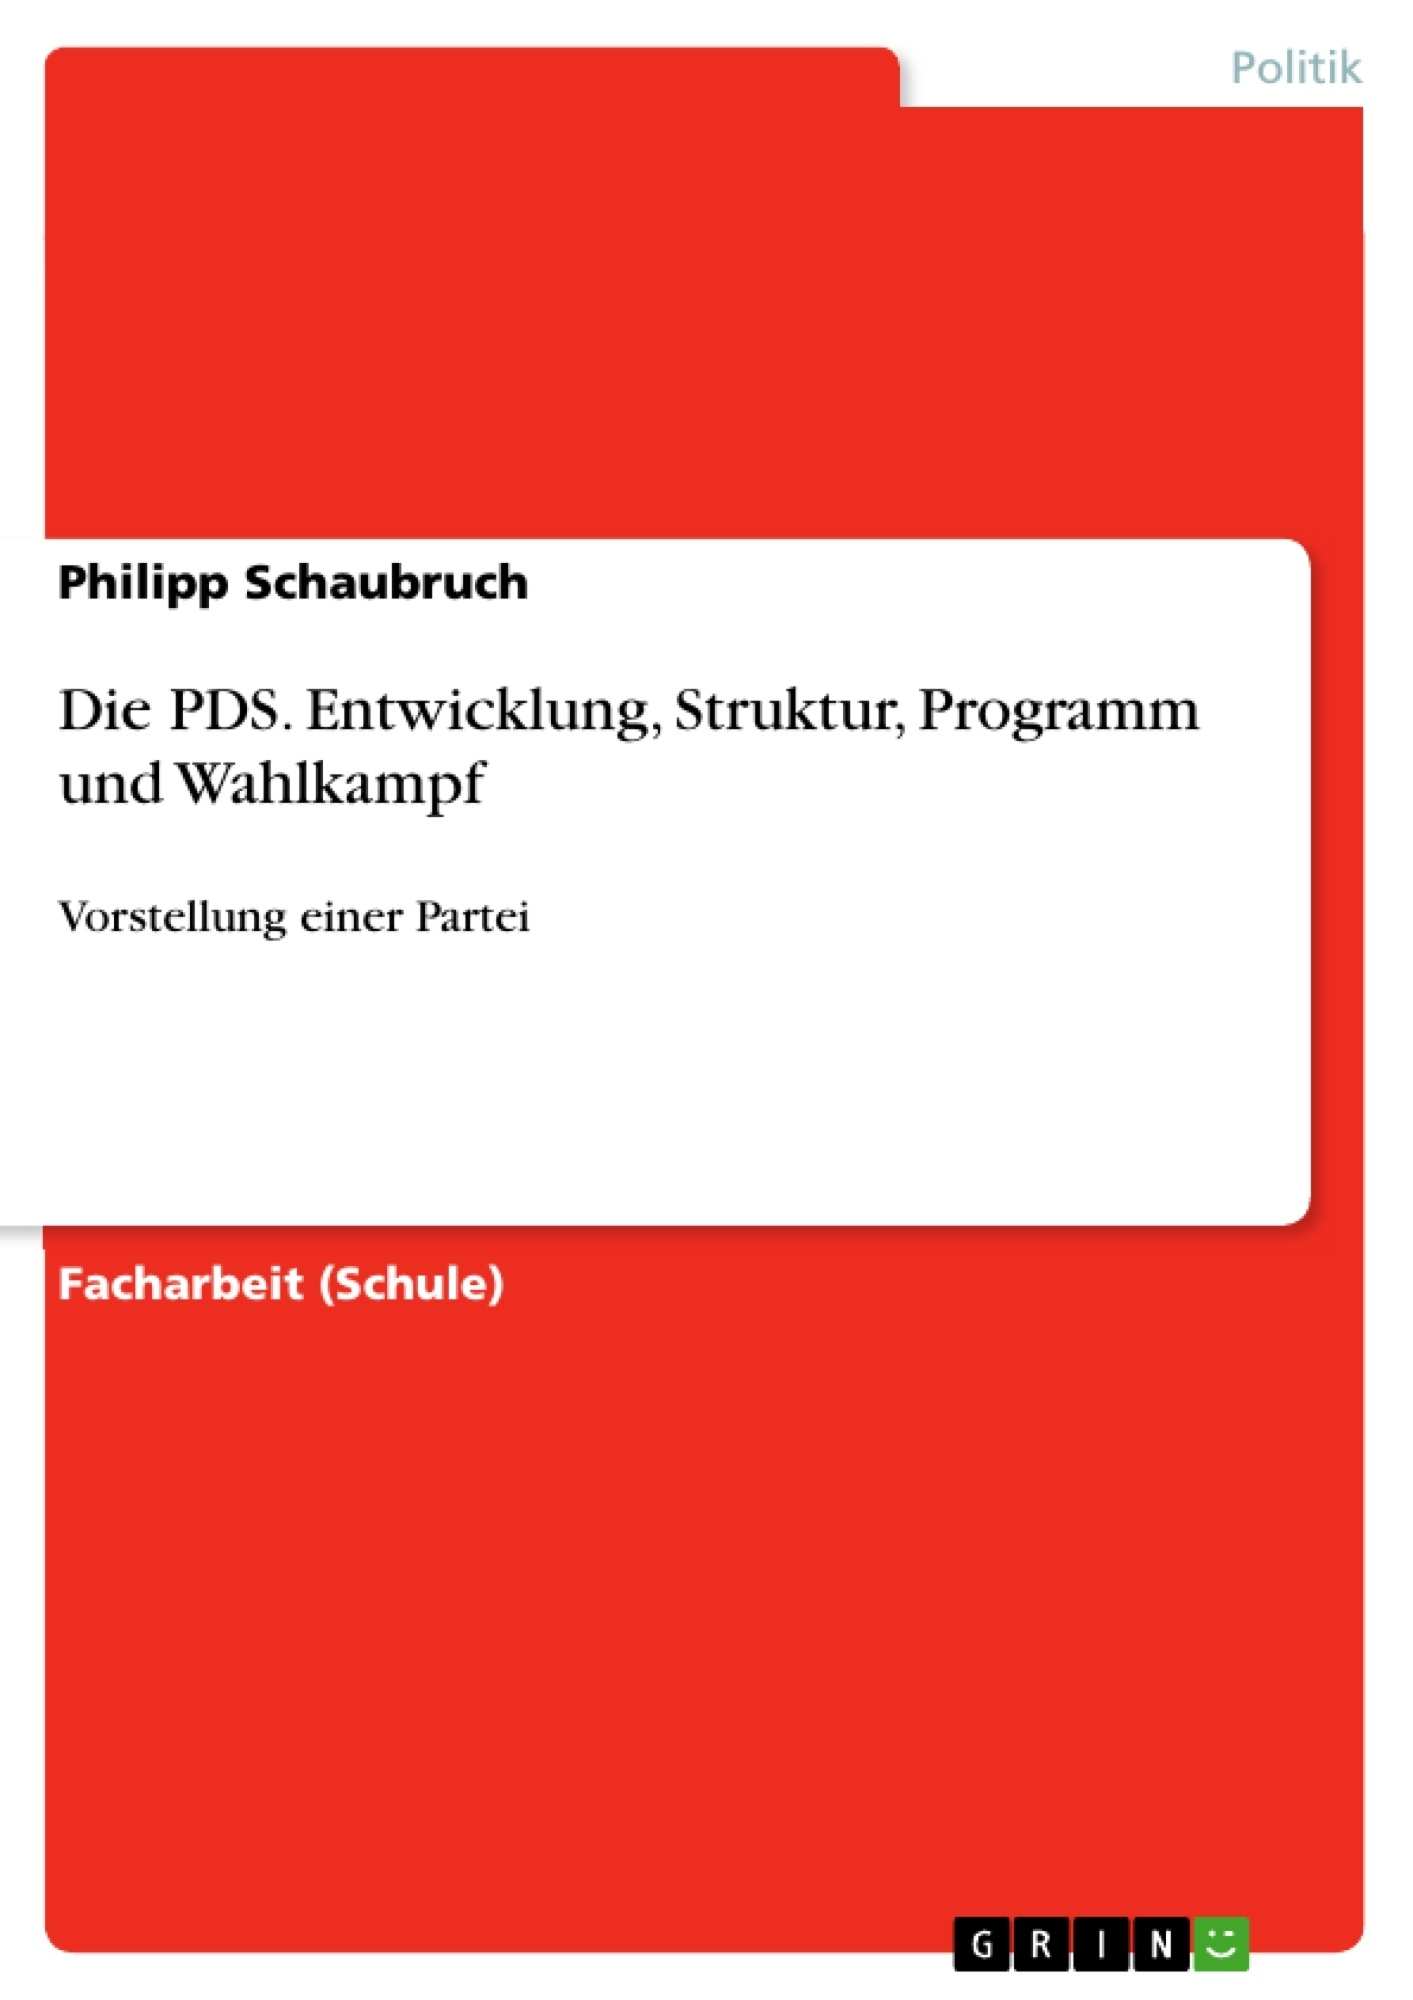 Titel: Die PDS. Entwicklung, Struktur, Programm und Wahlkampf